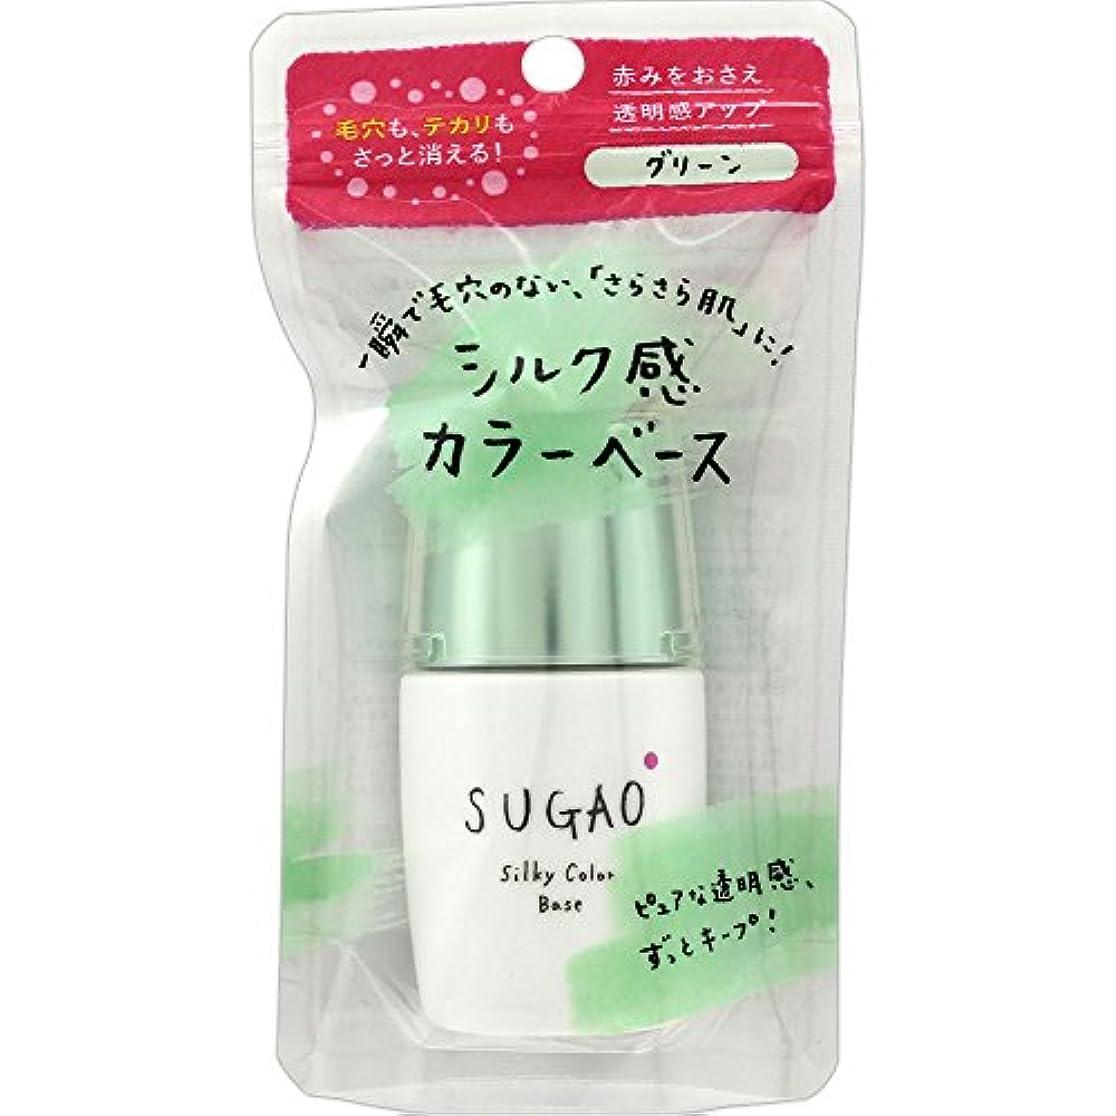 ヒョウ過言尊敬スガオ (SUGAO) シルク感カラーベース グリーン SPF20 PA+++ 20mL